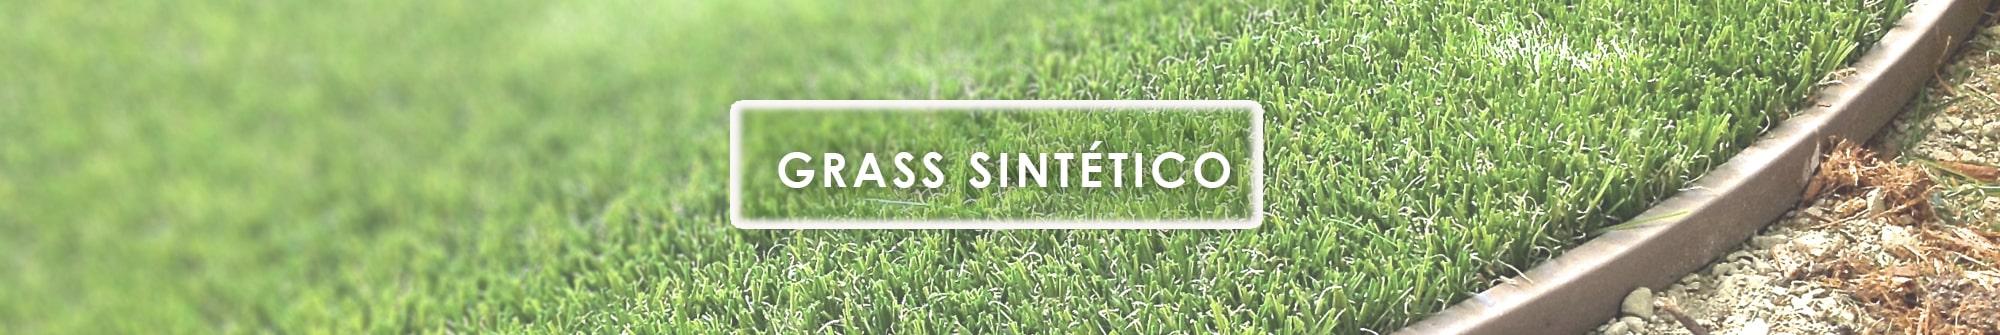 GRASS-SINTÉTICO-min